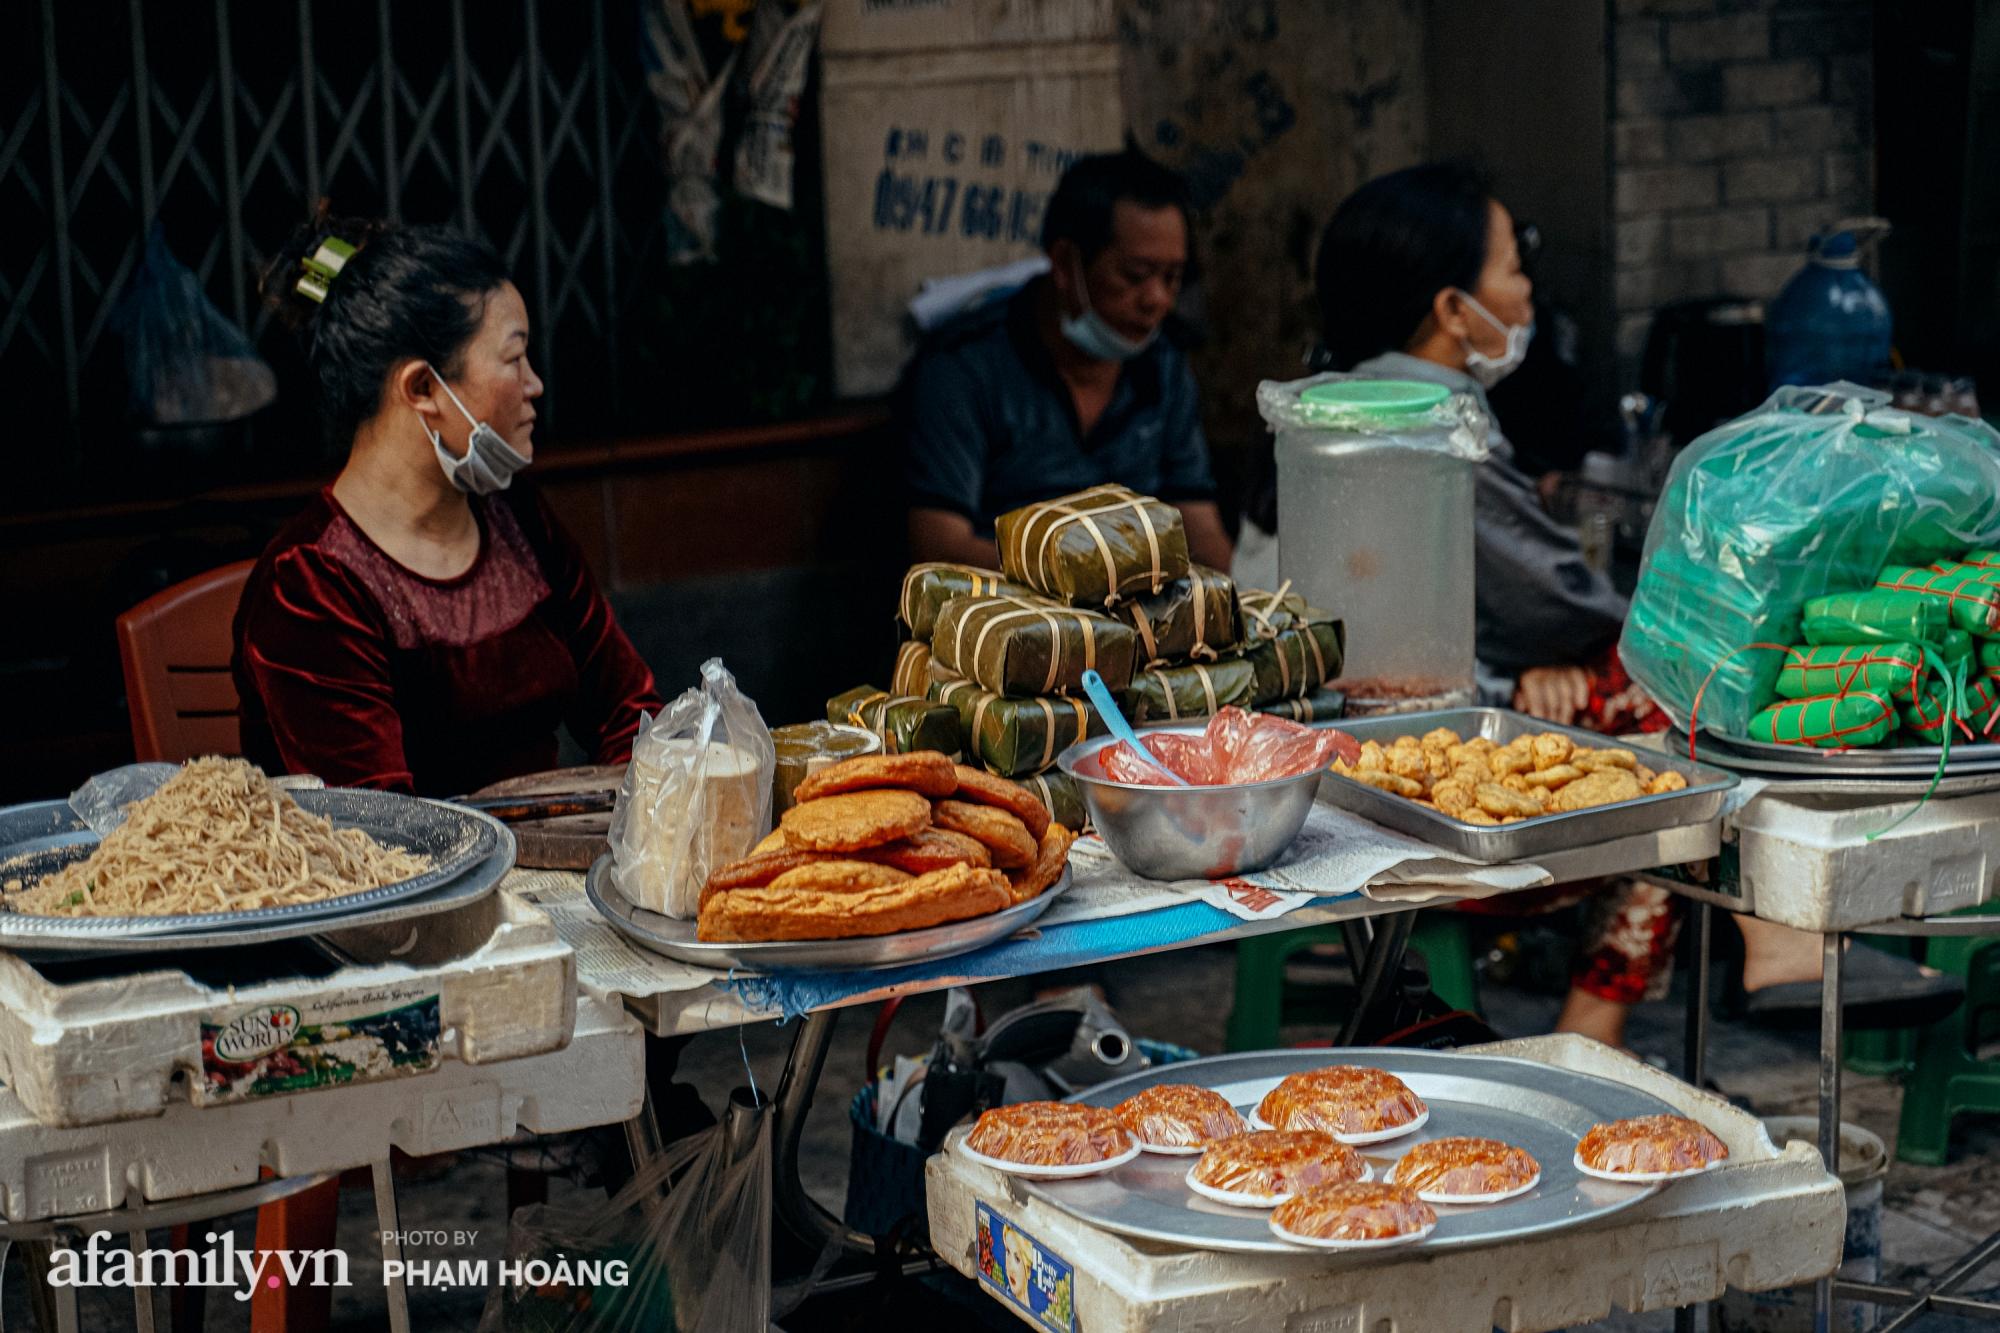 Ngày cuối năm bình yên trong ngõ chợ Thanh Hà - ngôi chợ lâu đời nhất phố cổ được giới nhà giàu chuộng mua vì toàn đồ chất lượng tươi ngon - Ảnh 10.